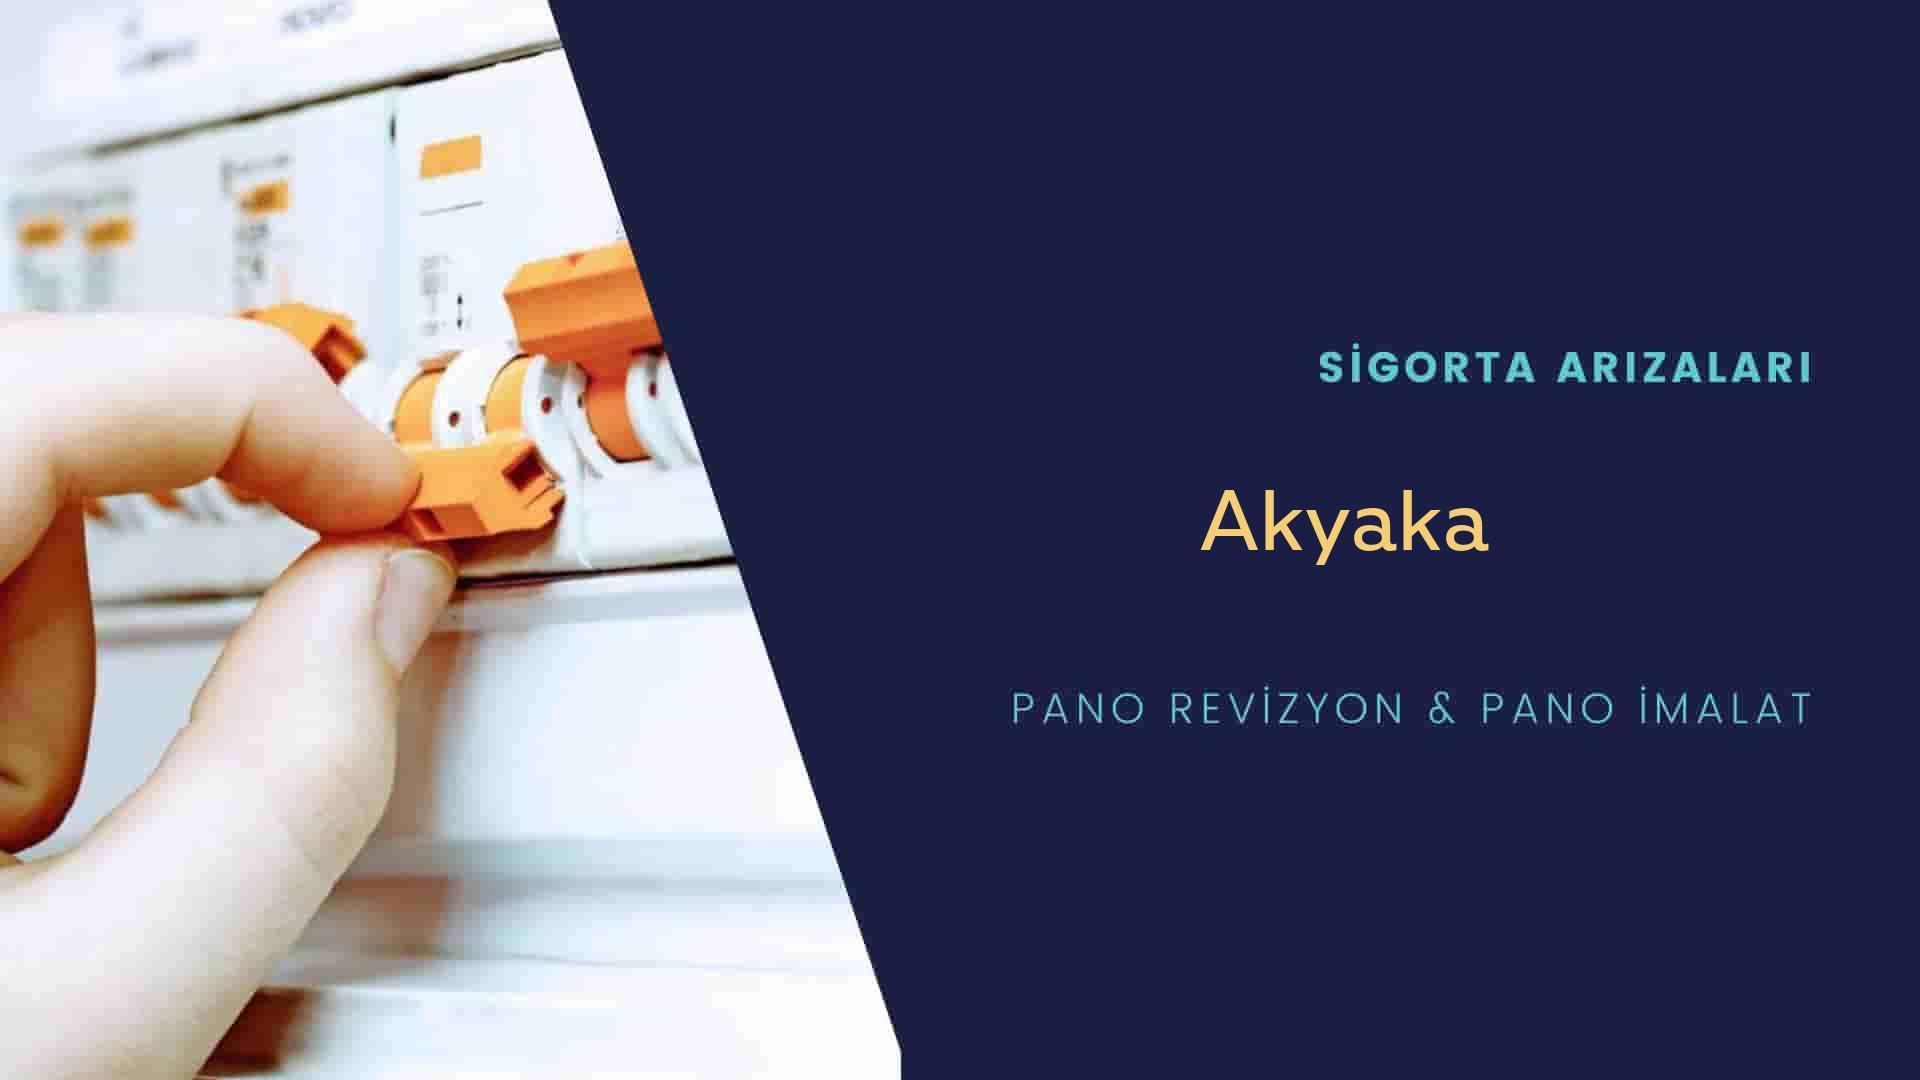 Akyaka Sigorta Arızaları İçin Profesyonel Elektrikçi ustalarımızı dilediğiniz zaman arayabilir talepte bulunabilirsiniz.